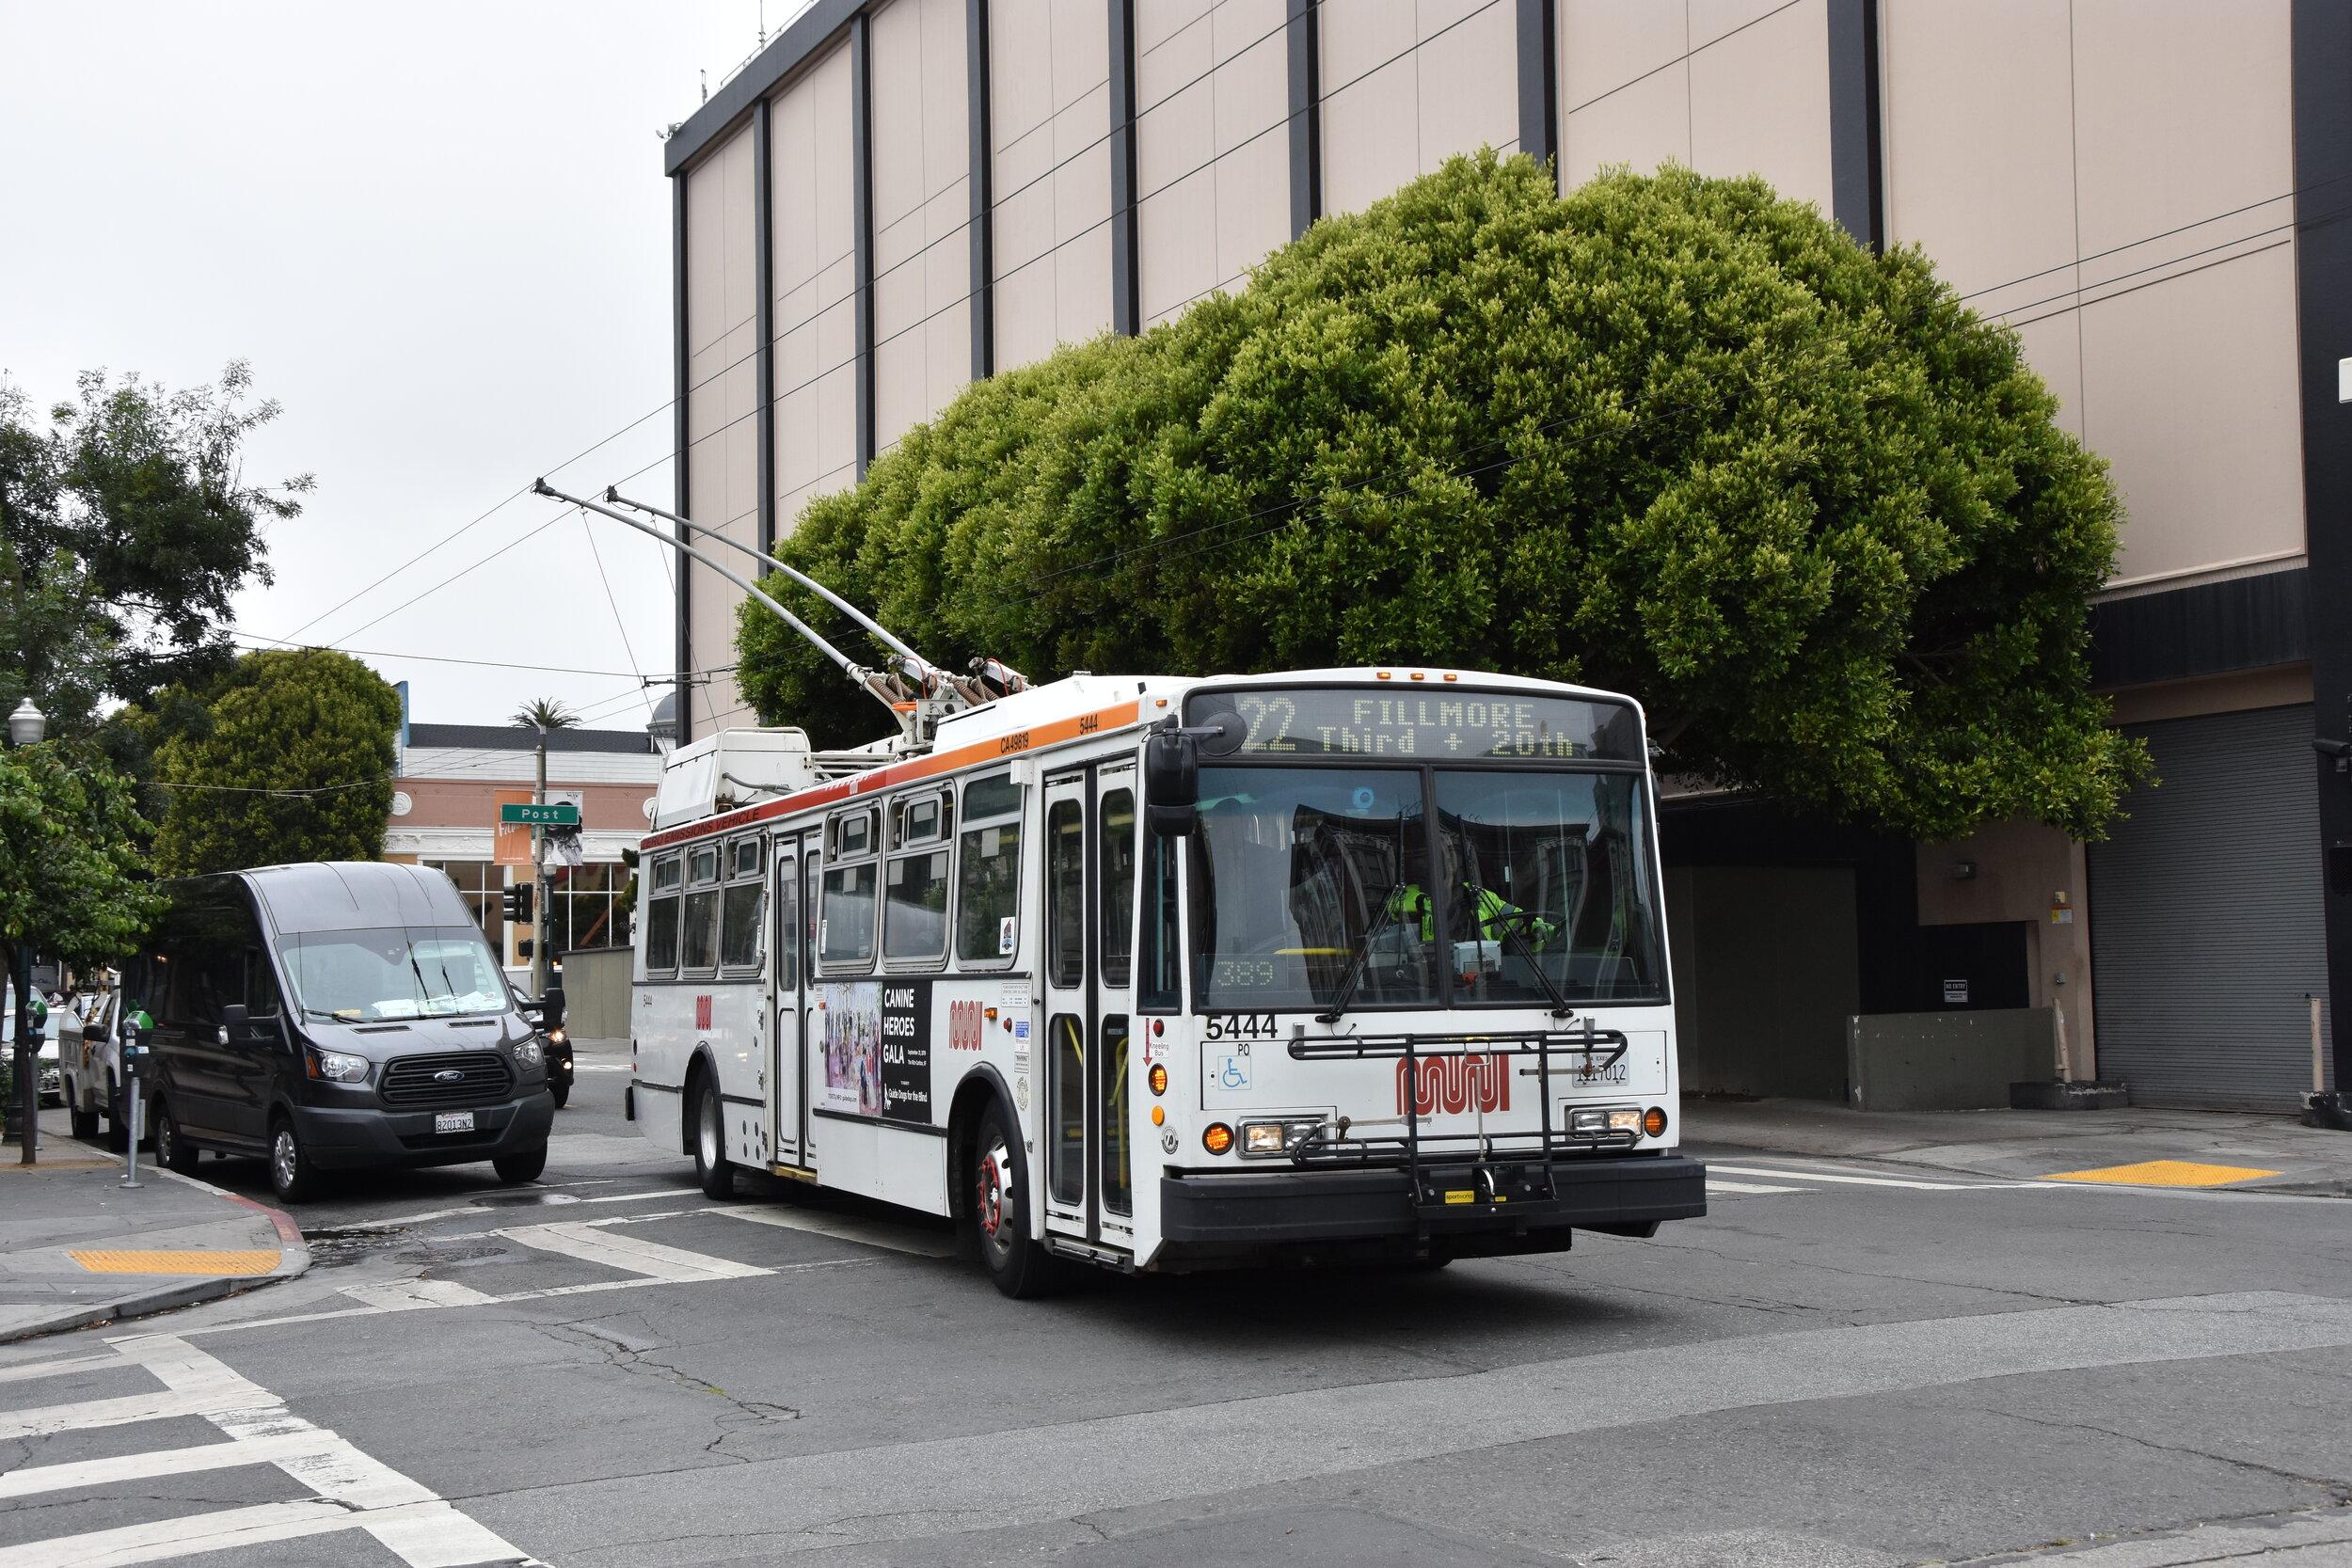 Trolejbus Škoda 14 TrSF v ulicích San Franciska. Do vyřazení z provozu zbývá trolejbusu v době pořízení fotografie 17 dnů. Společně s ním skončí i všech zbylých 45 vozů. (foto: Libor Hinčica)